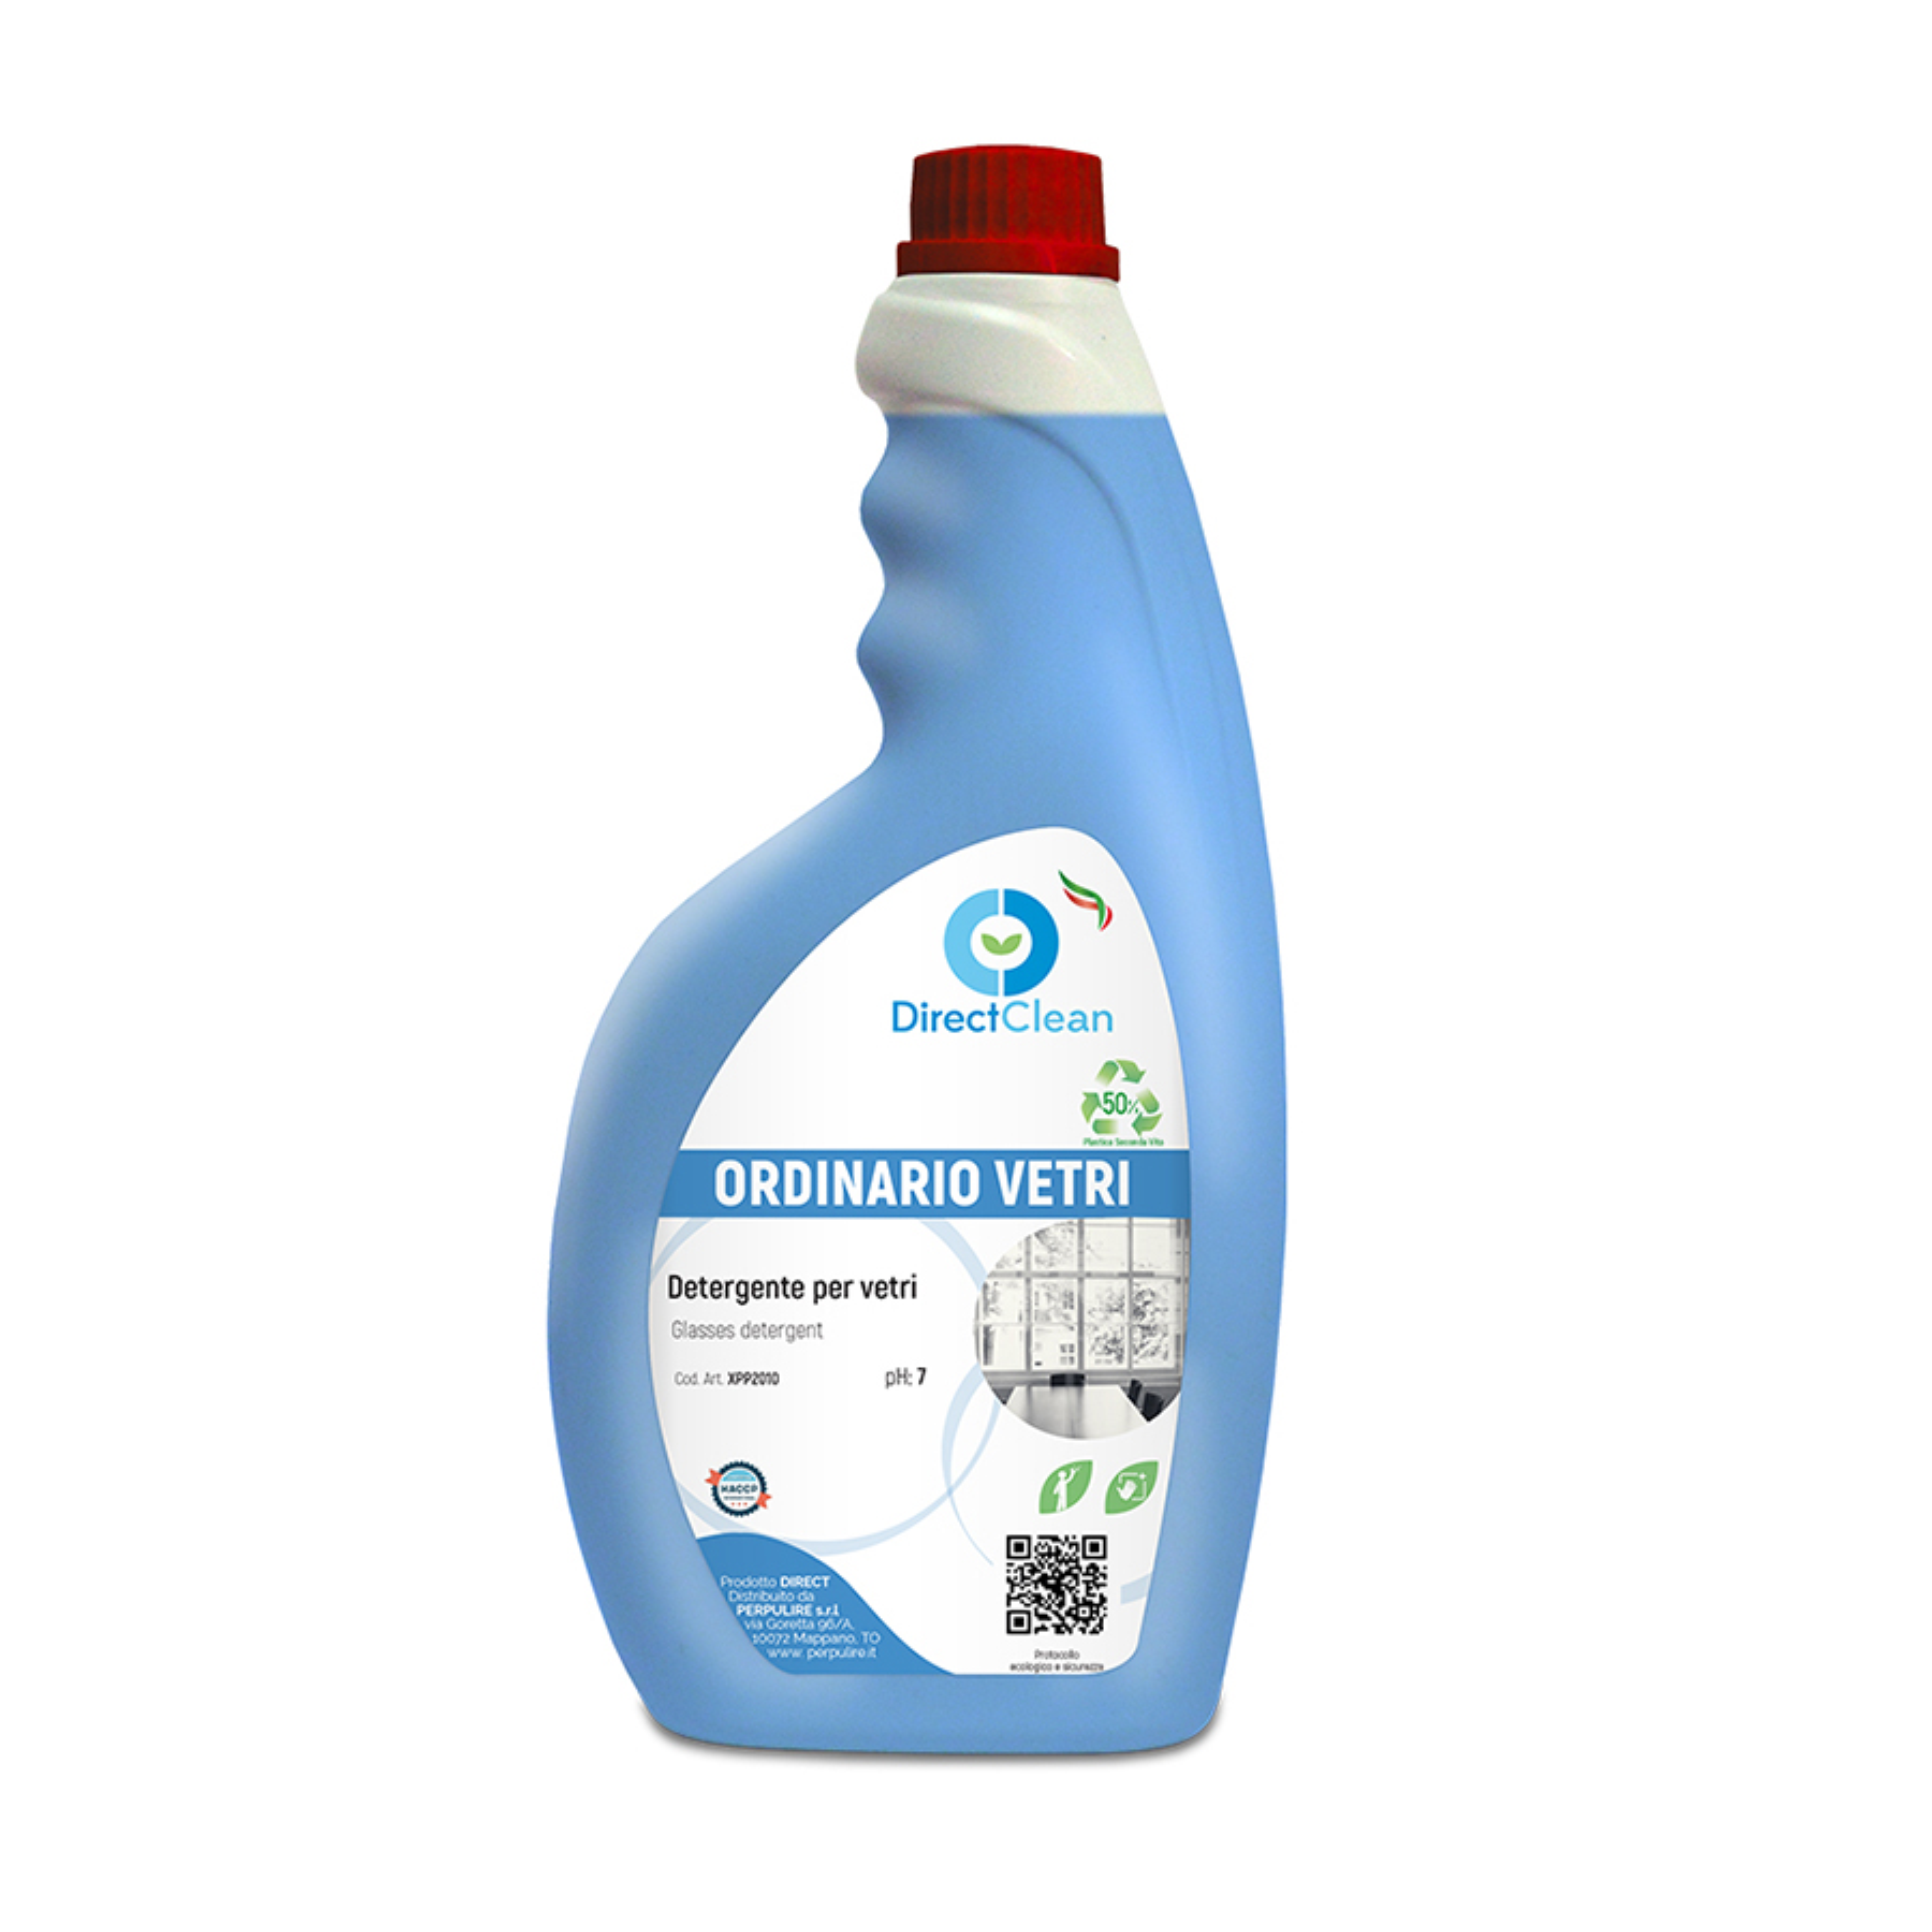 ORDINARIO VETRI Detergente pronto all'uso  per la pulizia di vetri e cristalli_Flacone 750ml (Cartone da 12 pz.)